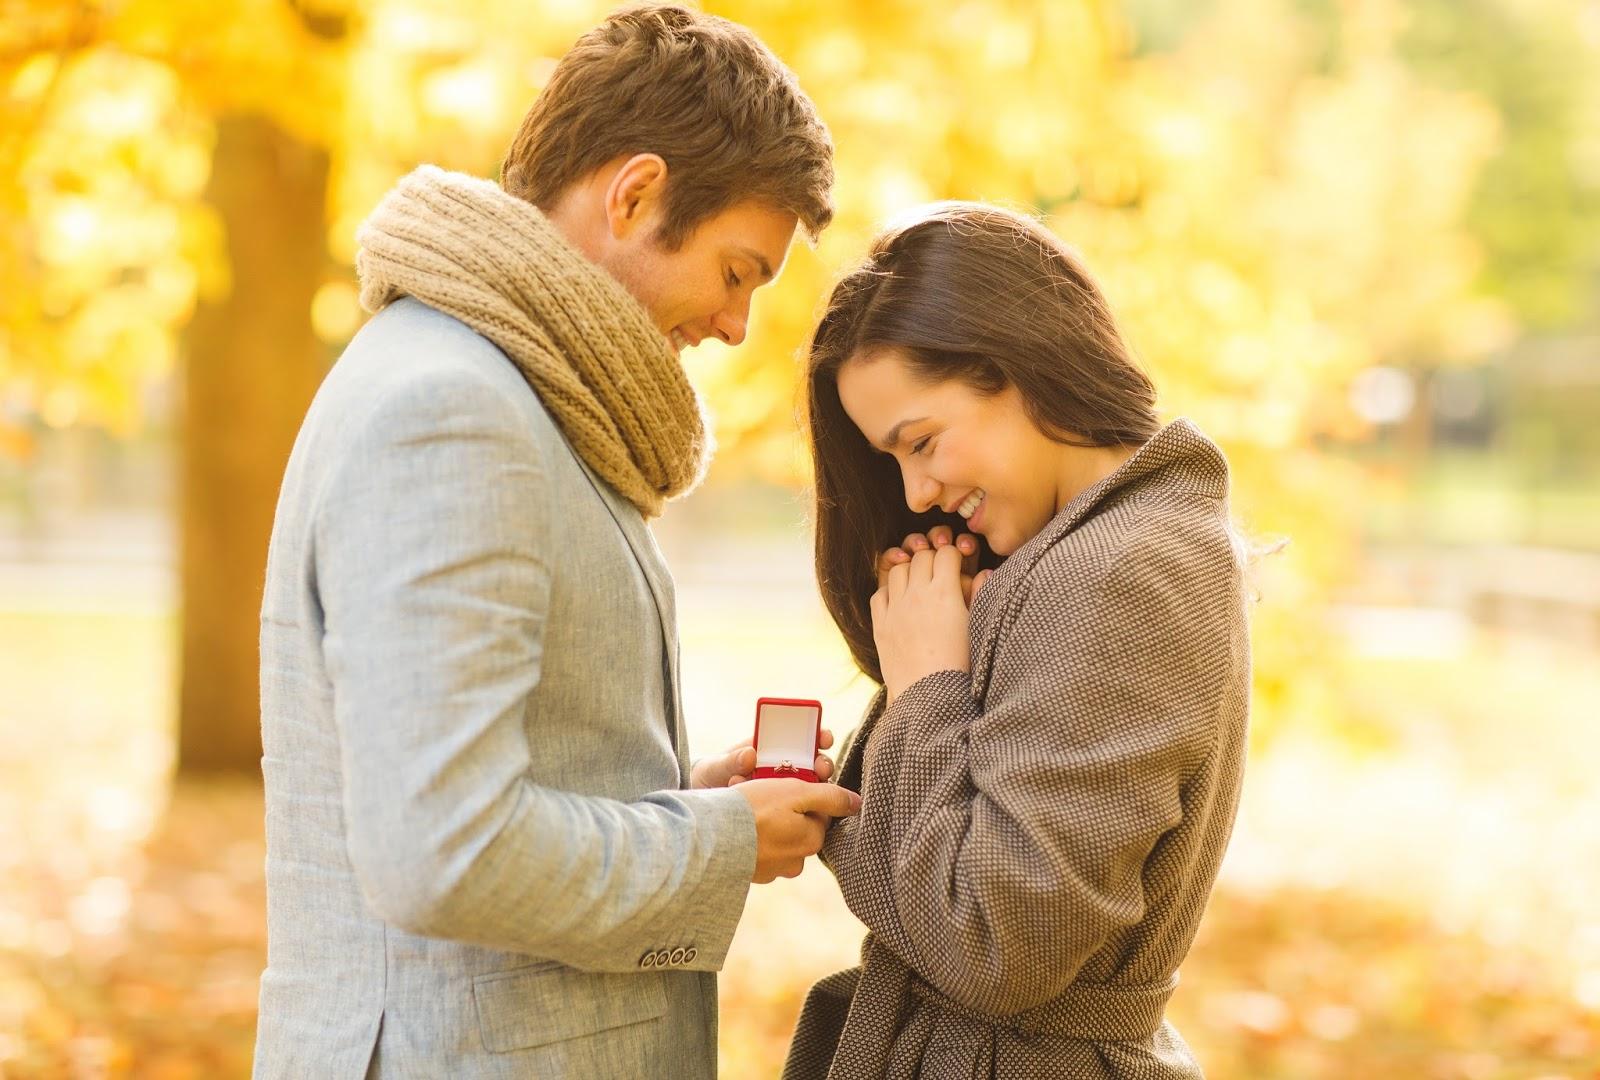 بالصور لقطات رومانسية , لقطة كلها حب واهتمام ورومانسية 15092 6